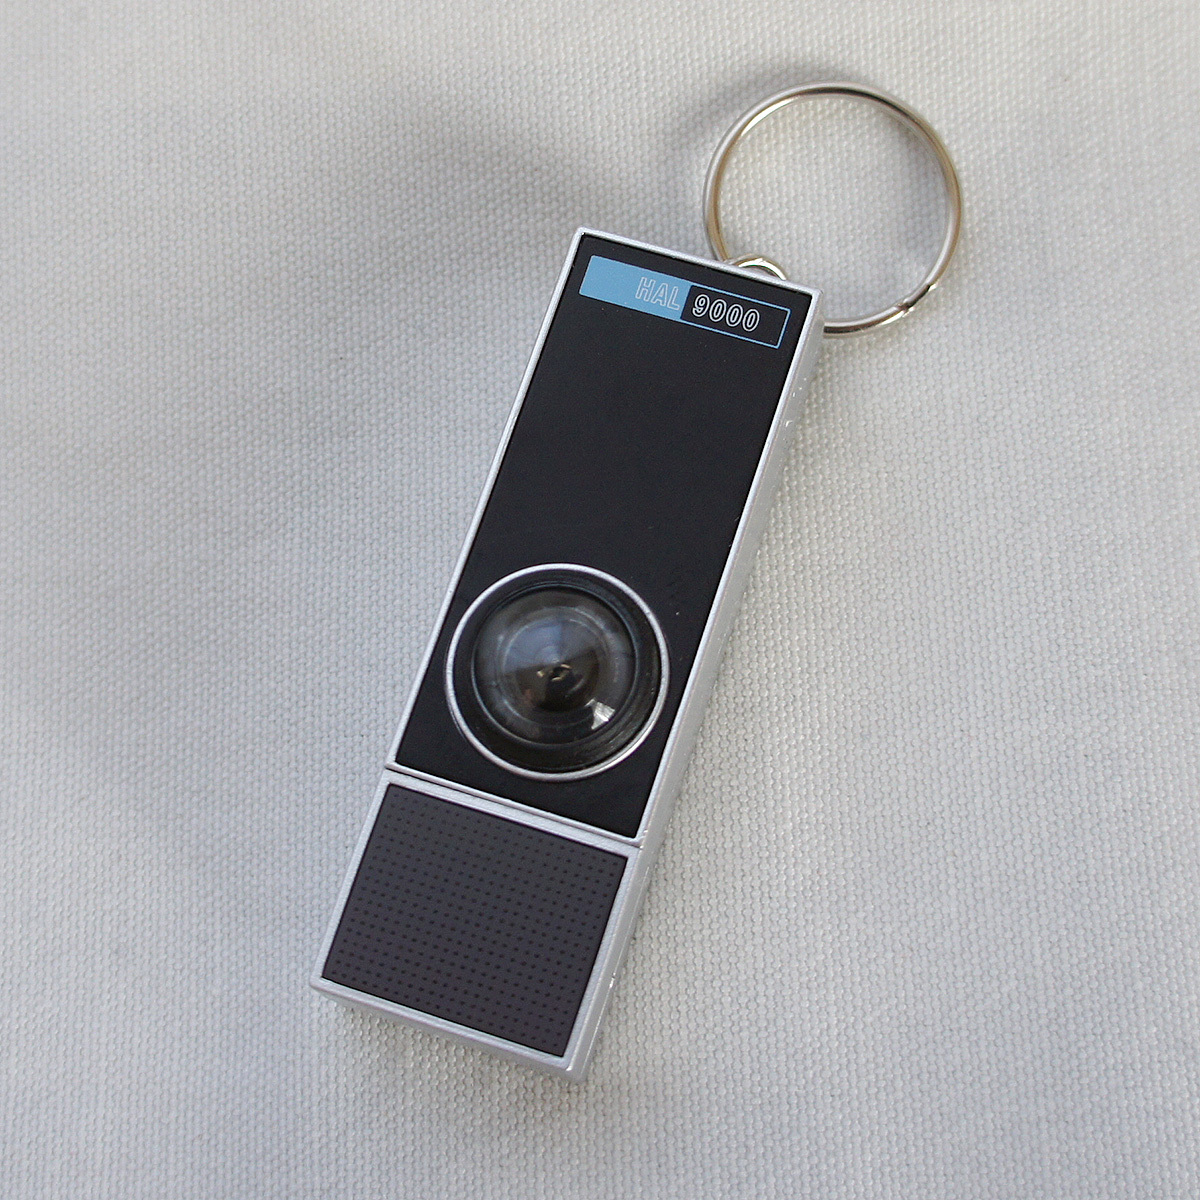 2001年宇宙の旅 HAL 9000 USBメモリ 16GB 新品・送料無料・マスターレプリカグループ製 Master Replicas Group USB 3.0 Flash Drive_画像3